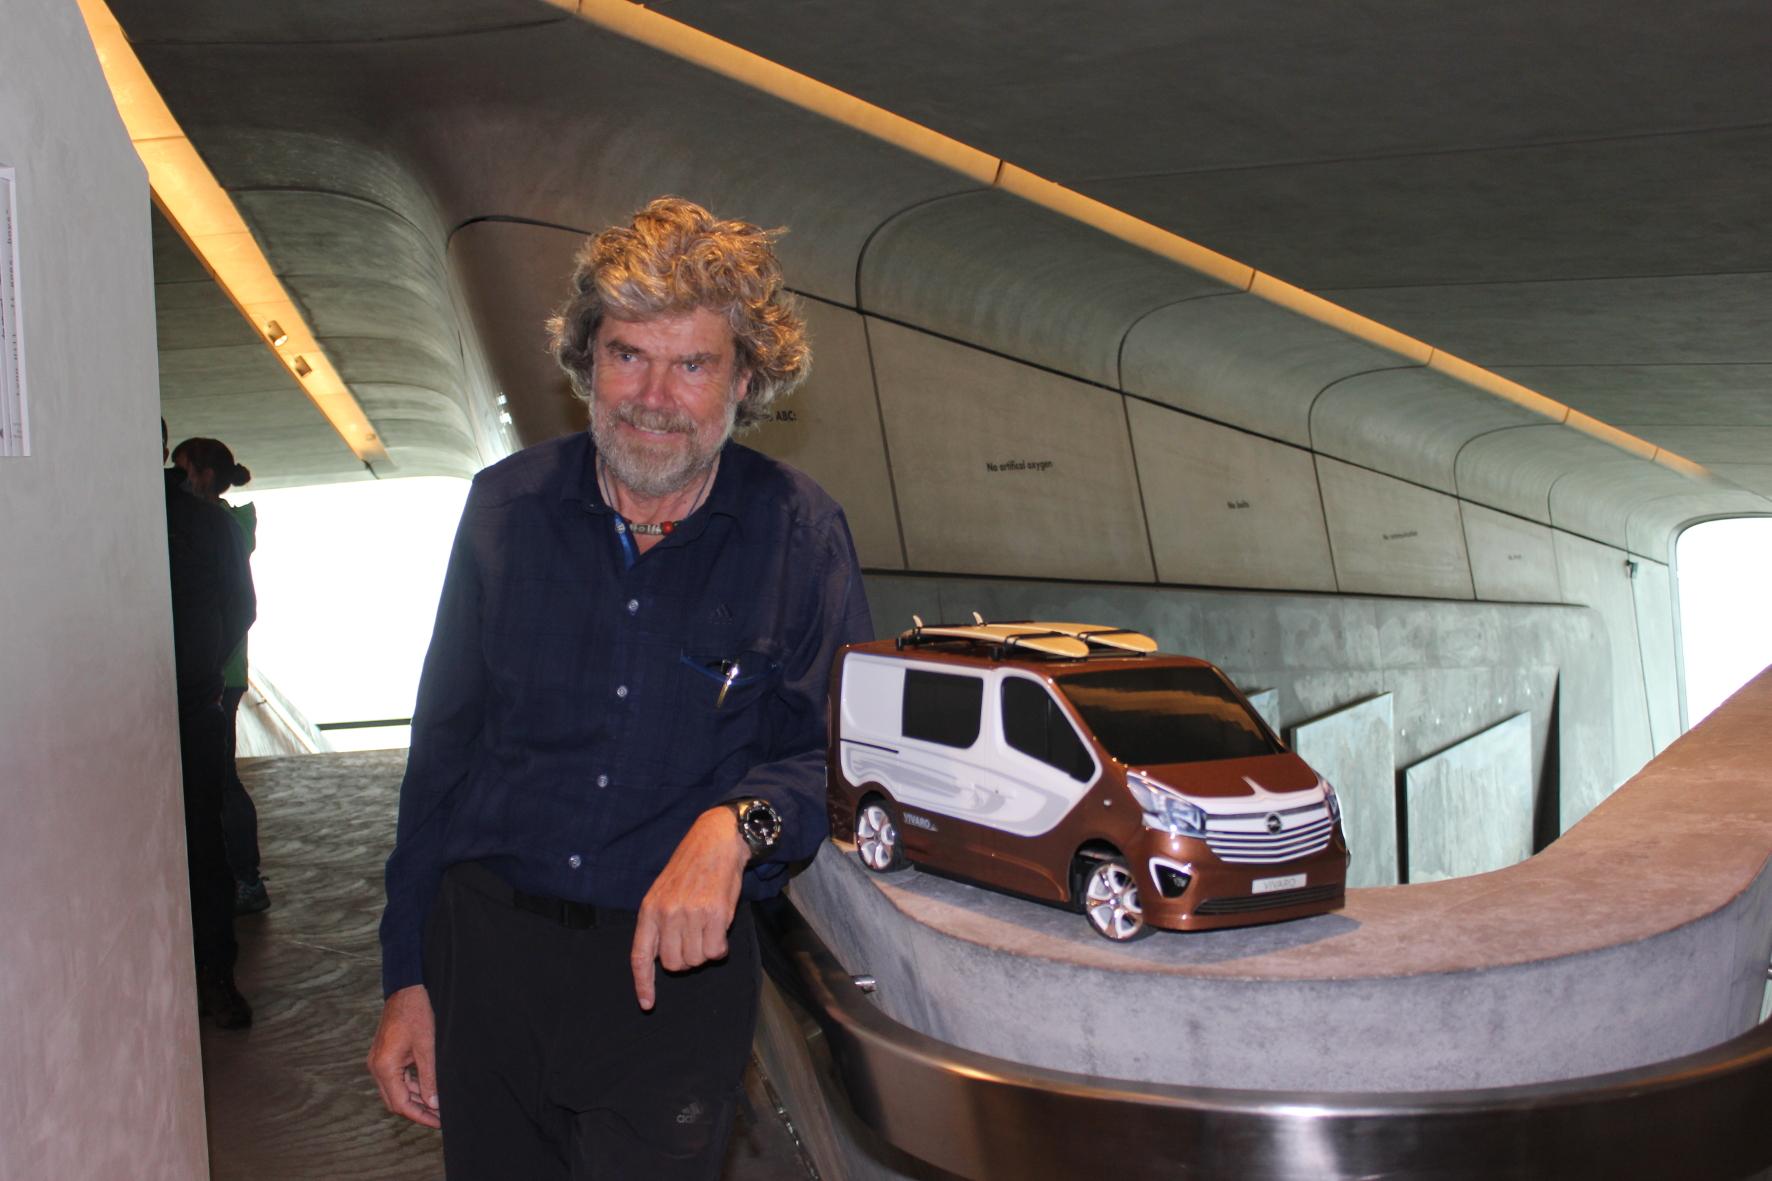 Reinhold Messner ist ein Weltstar. Wo auch immer der berühmteste Bergsteiger der Gegenwart auftaucht, drehen die Menschen sich um, bitten um ein Autogramm oder machen Selfies. Und der Südtiroler hat deutlich mehr drauf, als auf Gipfel zu klettern. Reinhold Messner ist Umweltschützer, Politiker und Kulturmensch. 2015 hat er bereits das sechste Museum eröffnet. Foto: Thomas Schneider/mid / TRD kultur